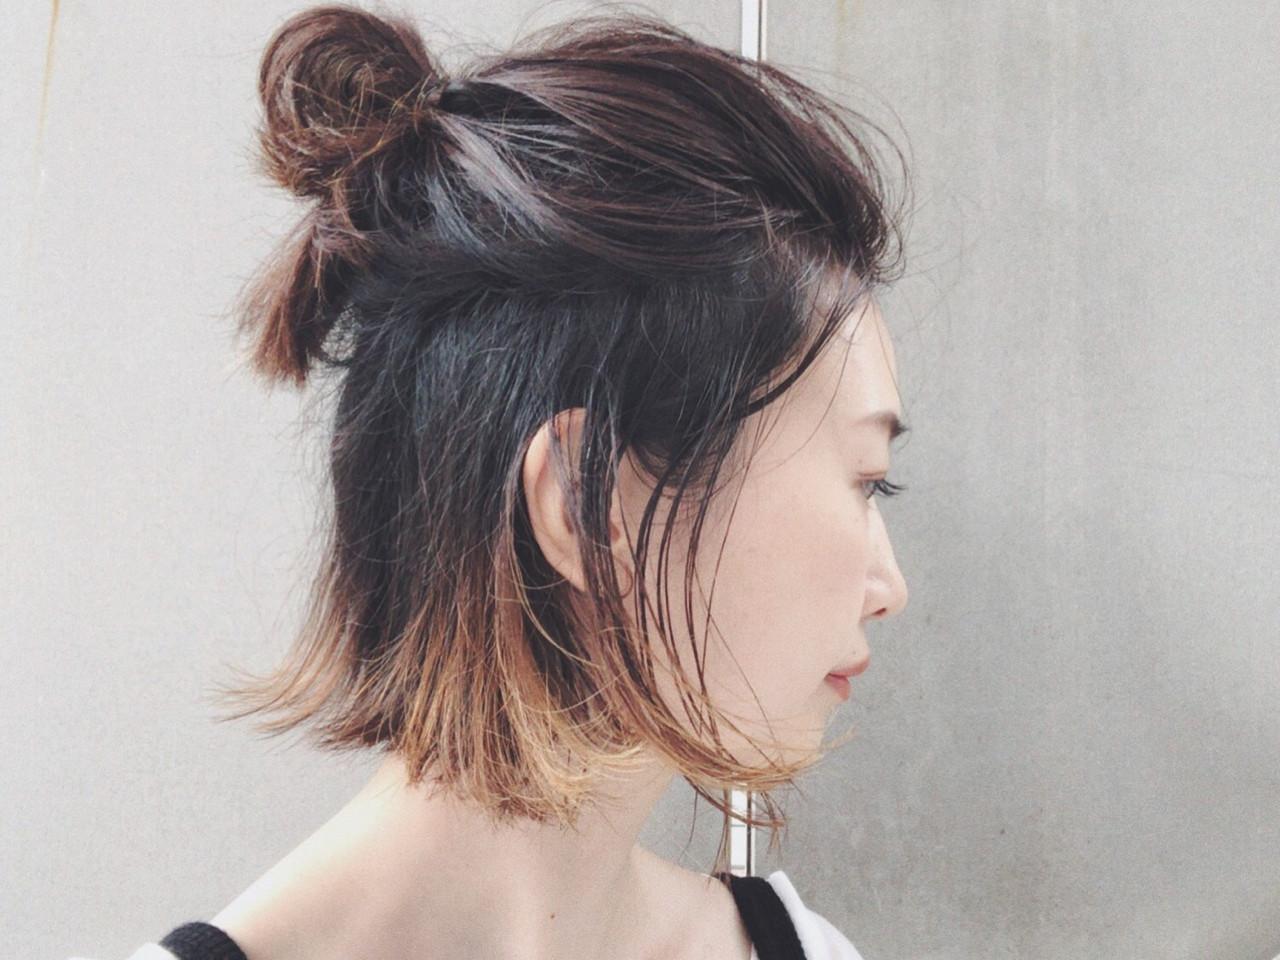 外ハネボブ×お団子ハーフアップでこなれ感♪ 三好 佳奈美Baco.(バコ)